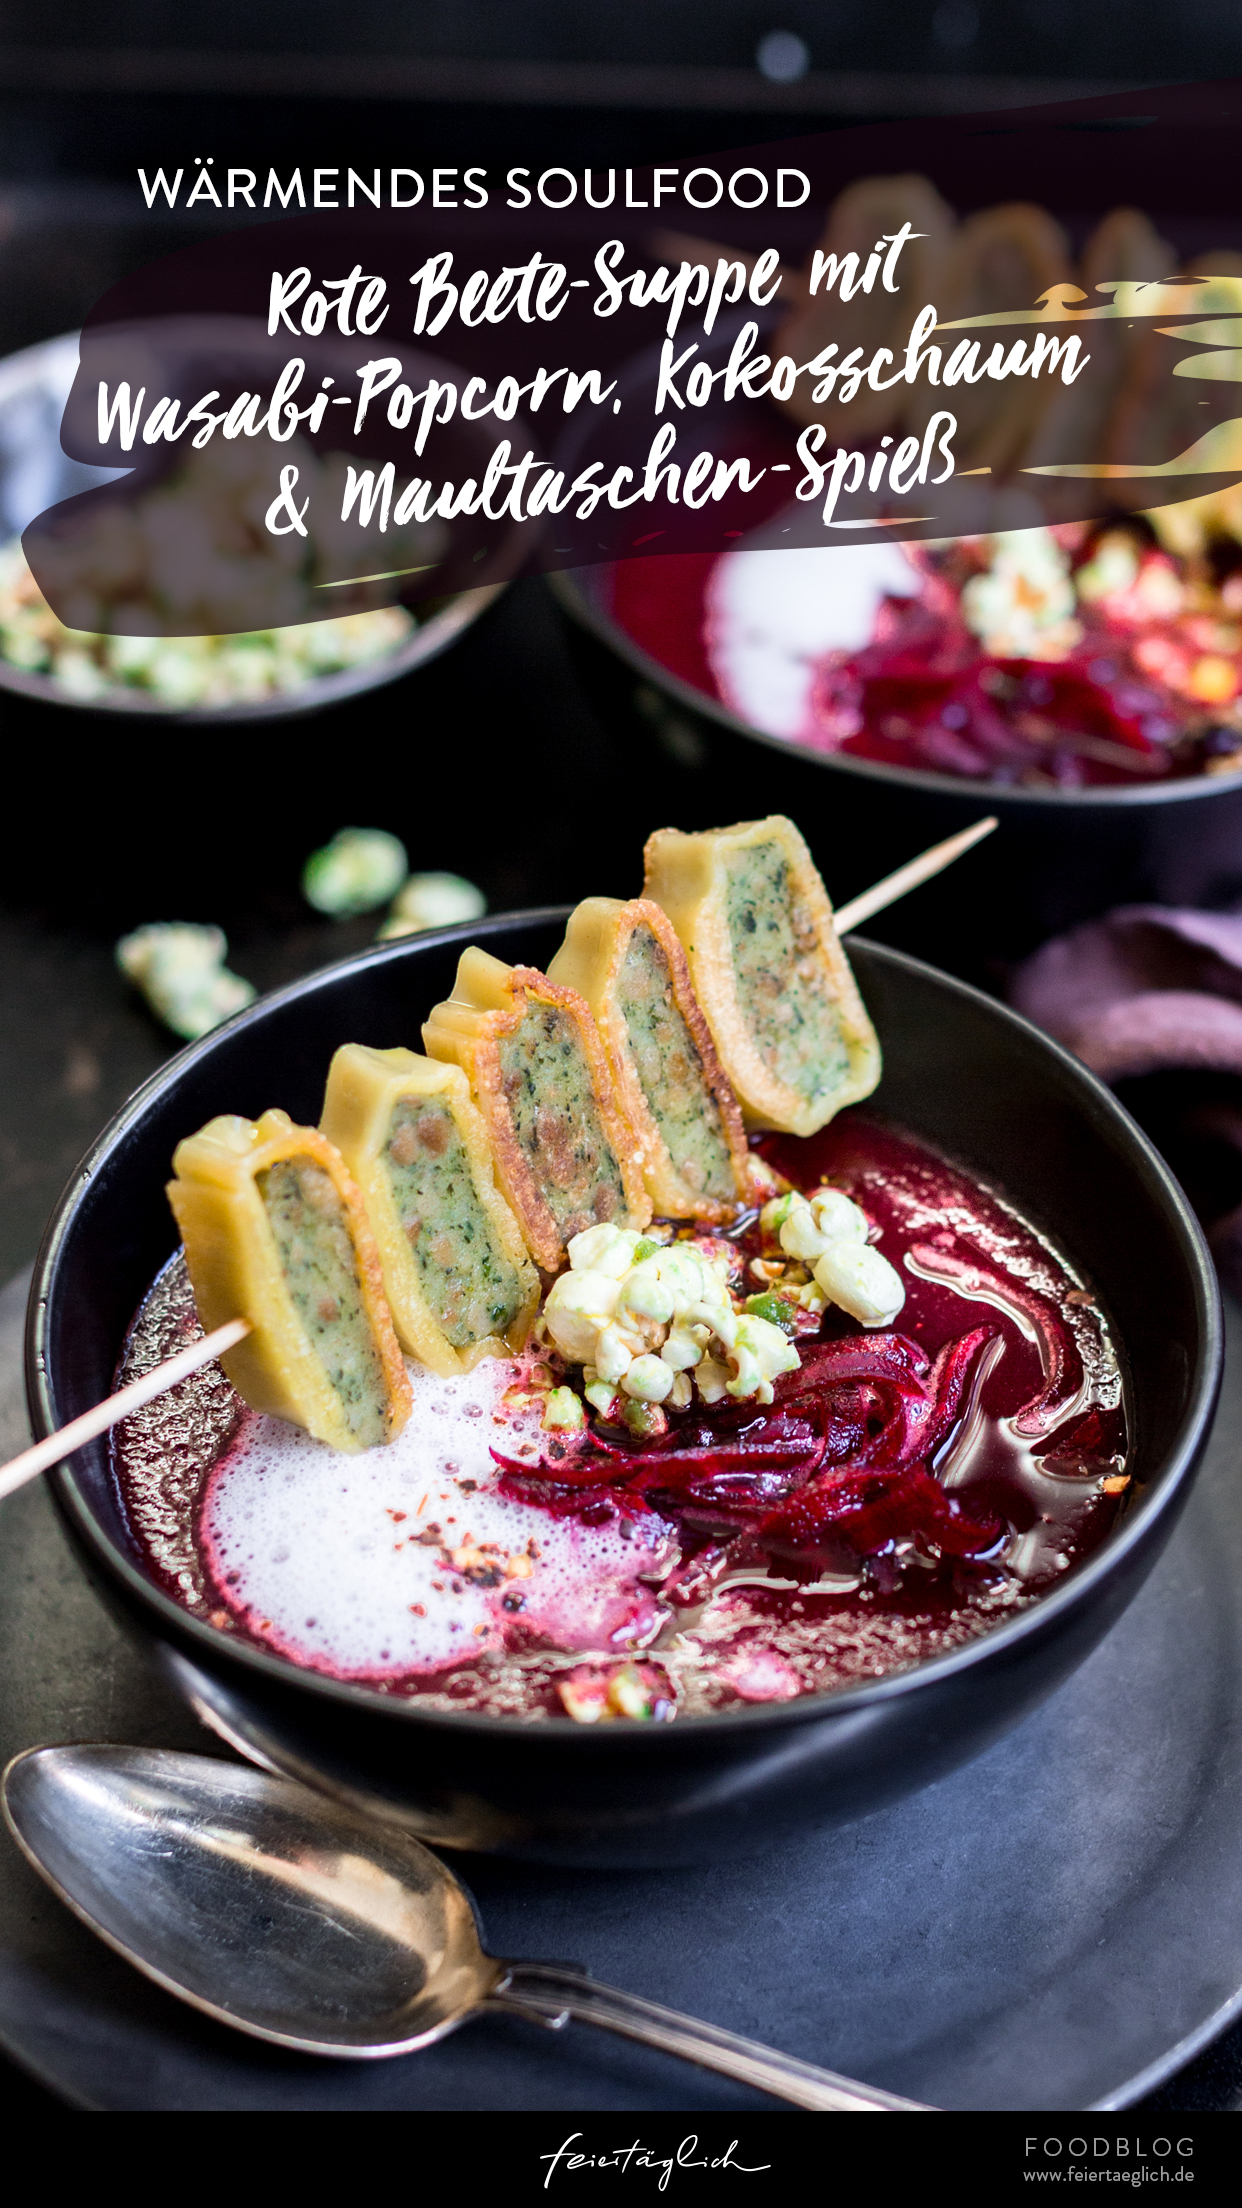 Wärmende Rote Beete-Suppe mit Wasabi-Popcorn, Kokosschaum und Maultaschen-Spieß, Rezept